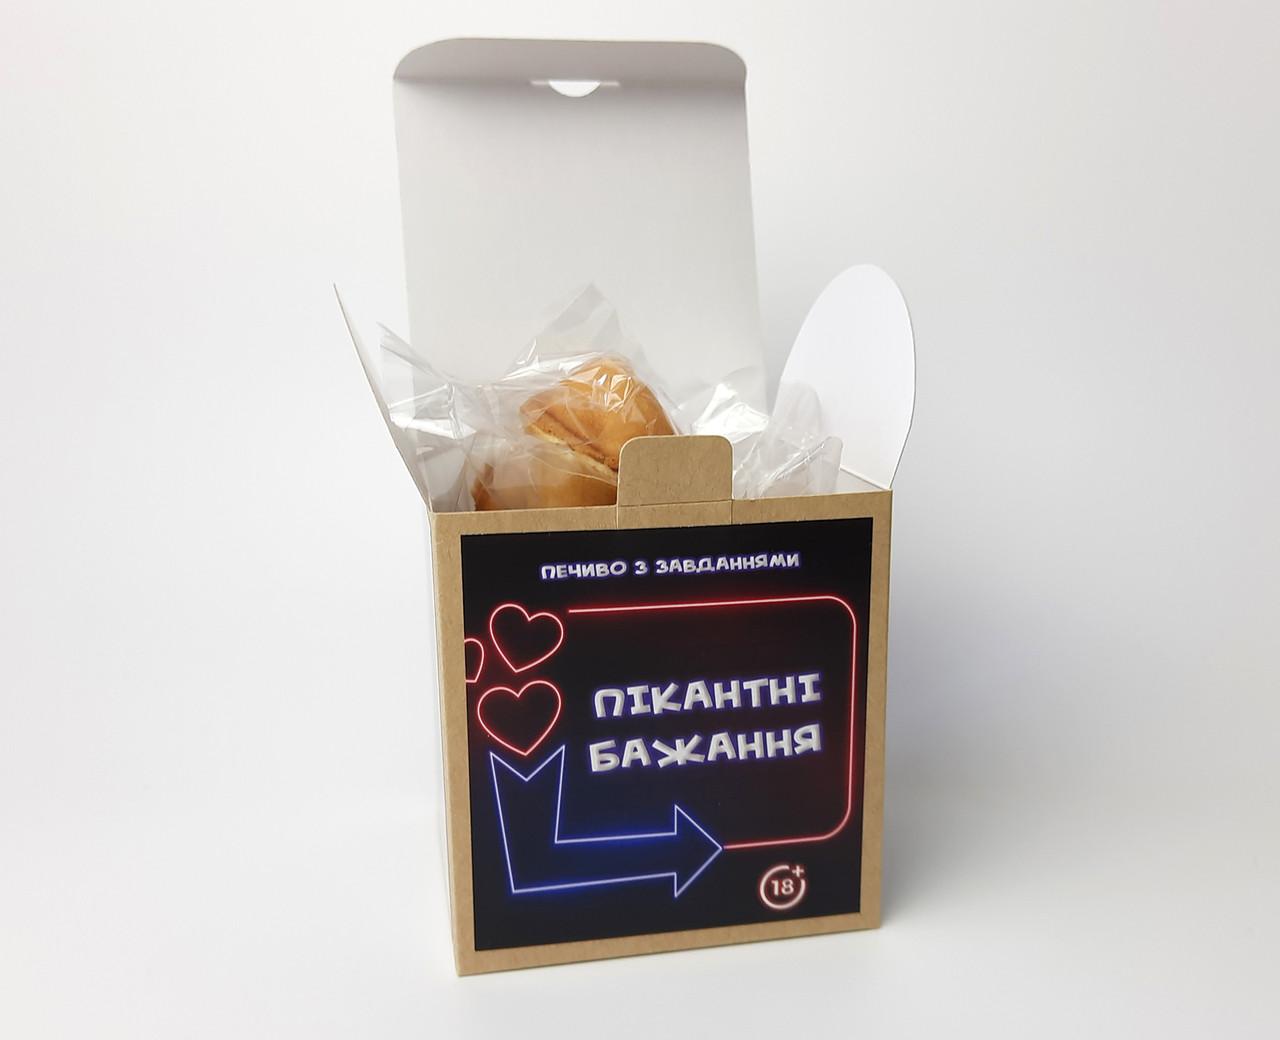 """Набор-игра """"Поиграем?"""": печенье с сексуальными заданиями для двоих и игральные кости с позами любви - фото 3"""